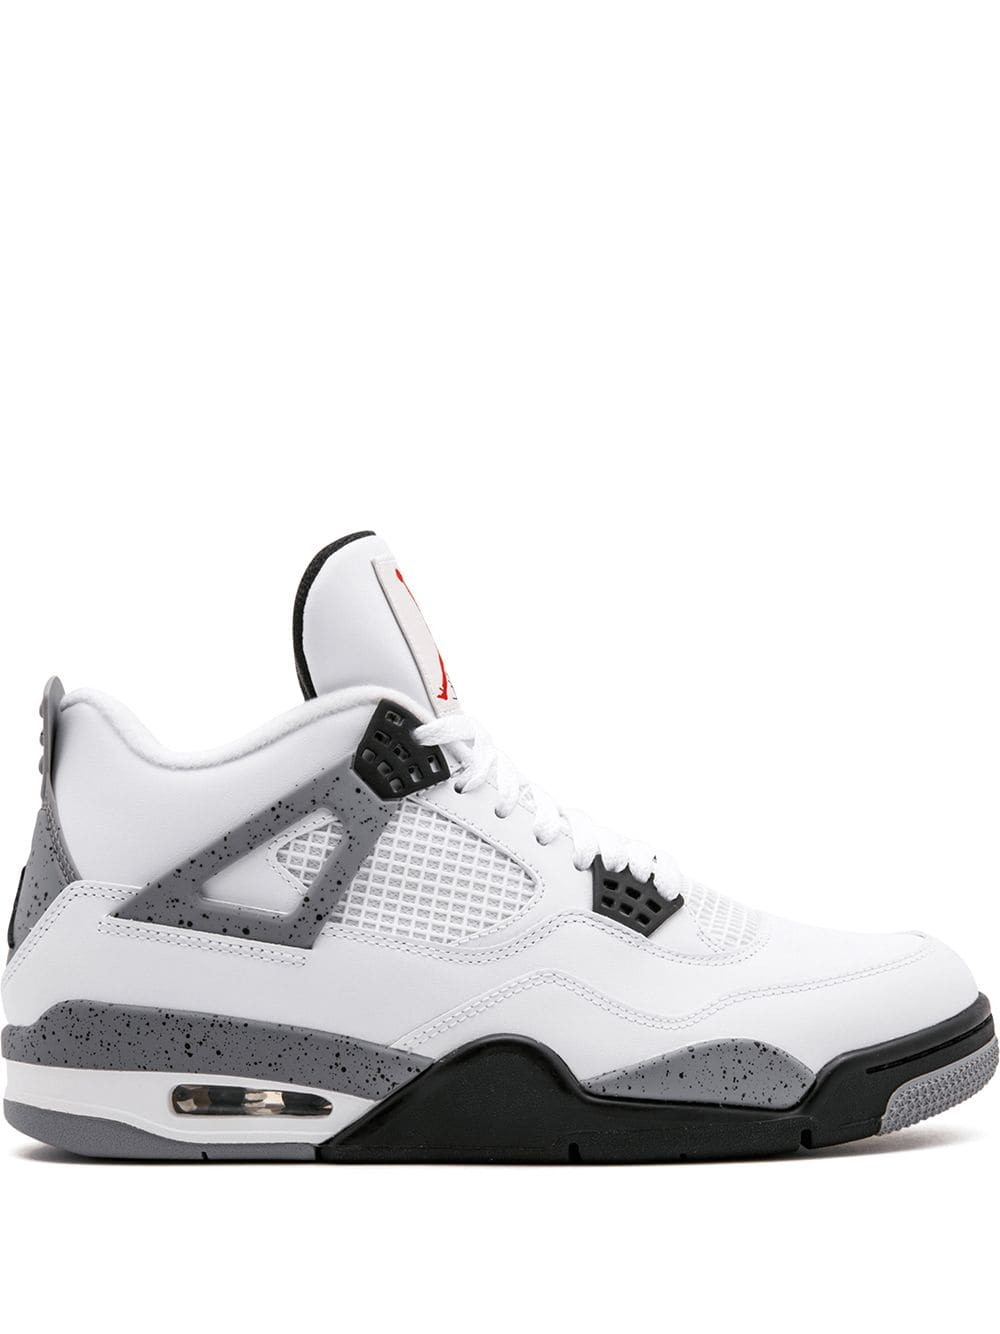 Jordan 4 Retro Sneakers In White Modesens Air Jordans Jordan Shoes Retro Retro Sneakers